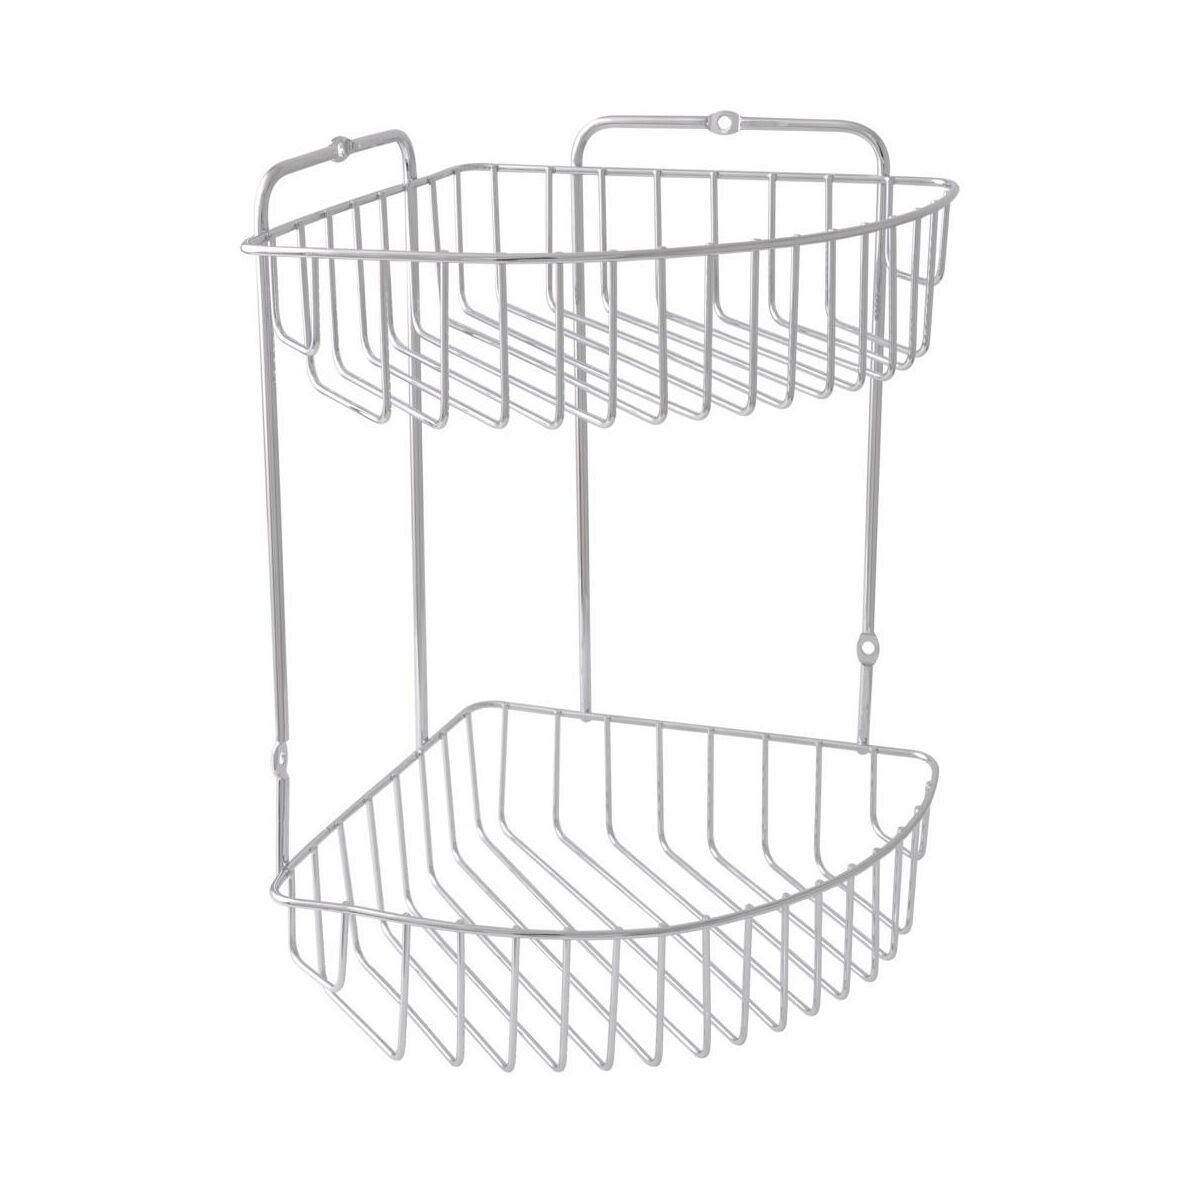 Koszyk Lazienkowy Vega Narozny Center Plus Polki Lazienkowe Regaly I Koszyki Druciane Do Lazienki W Atrakcyjnej Cenie W Sklepach Leroy Merlin